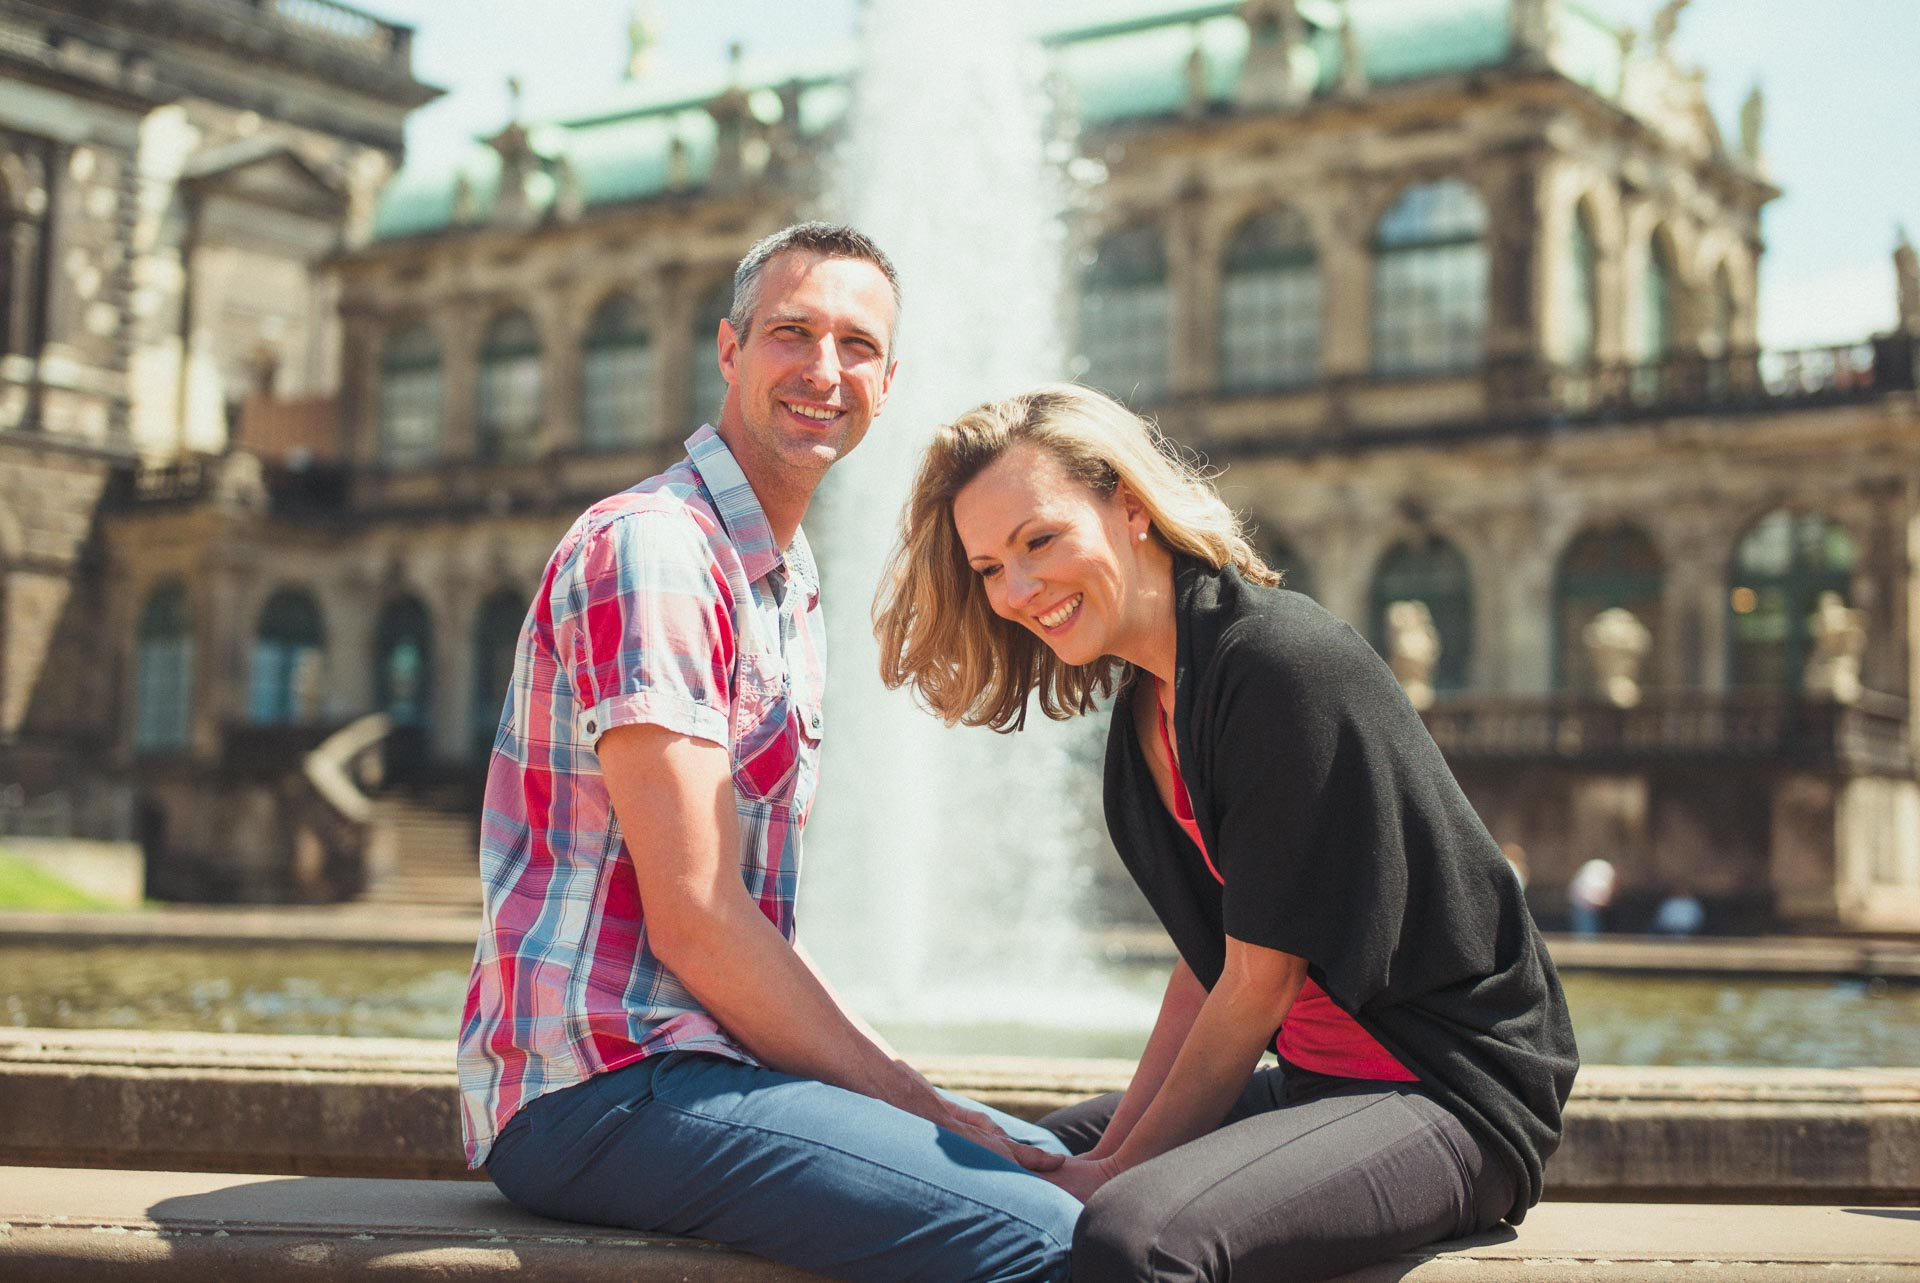 Paar_Fotoshooting_Dresden-10-1.jpg